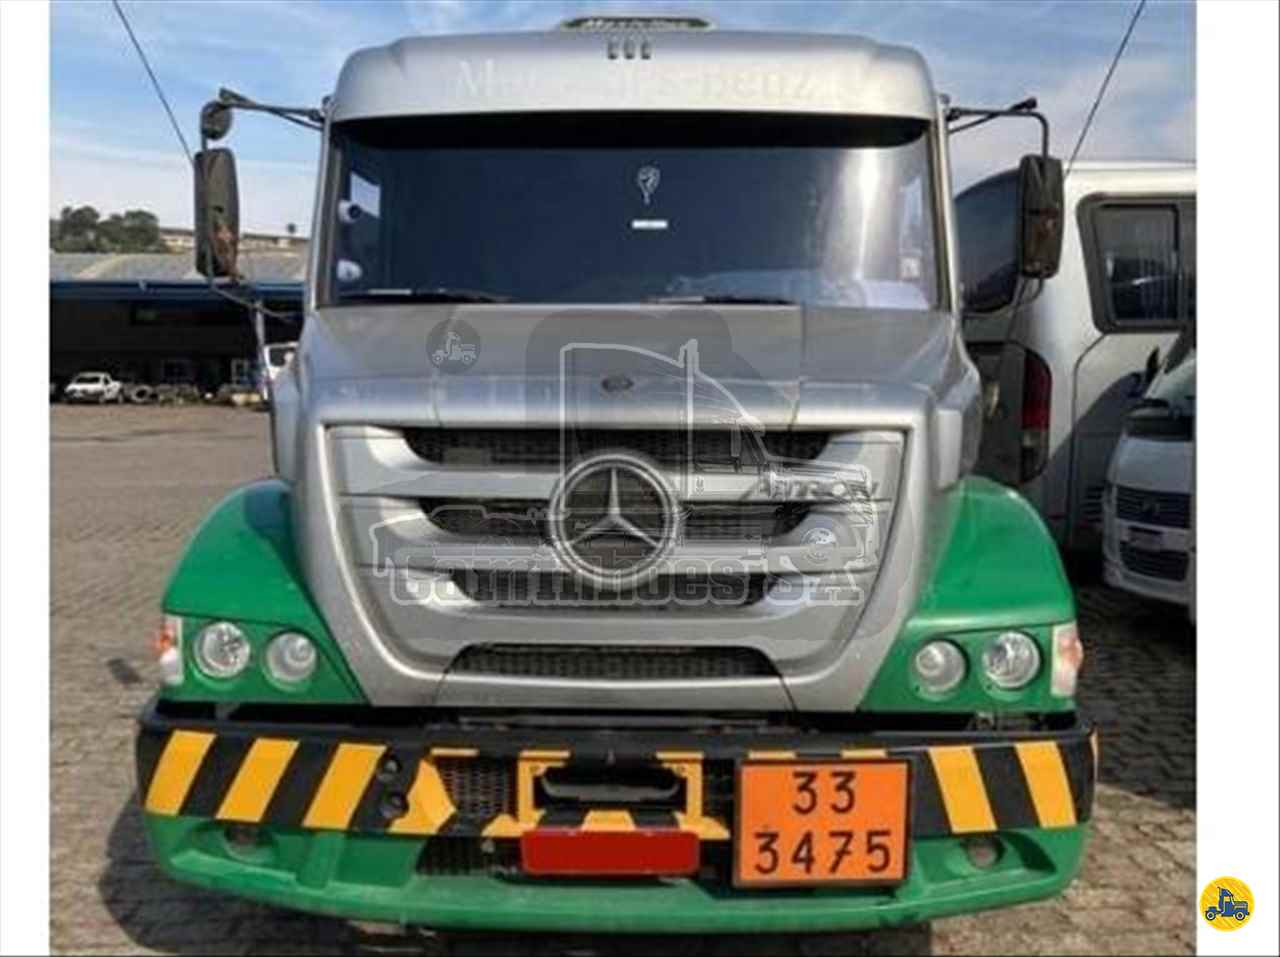 MB 1635 de Caminhões SA - VOTORANTIM/SP